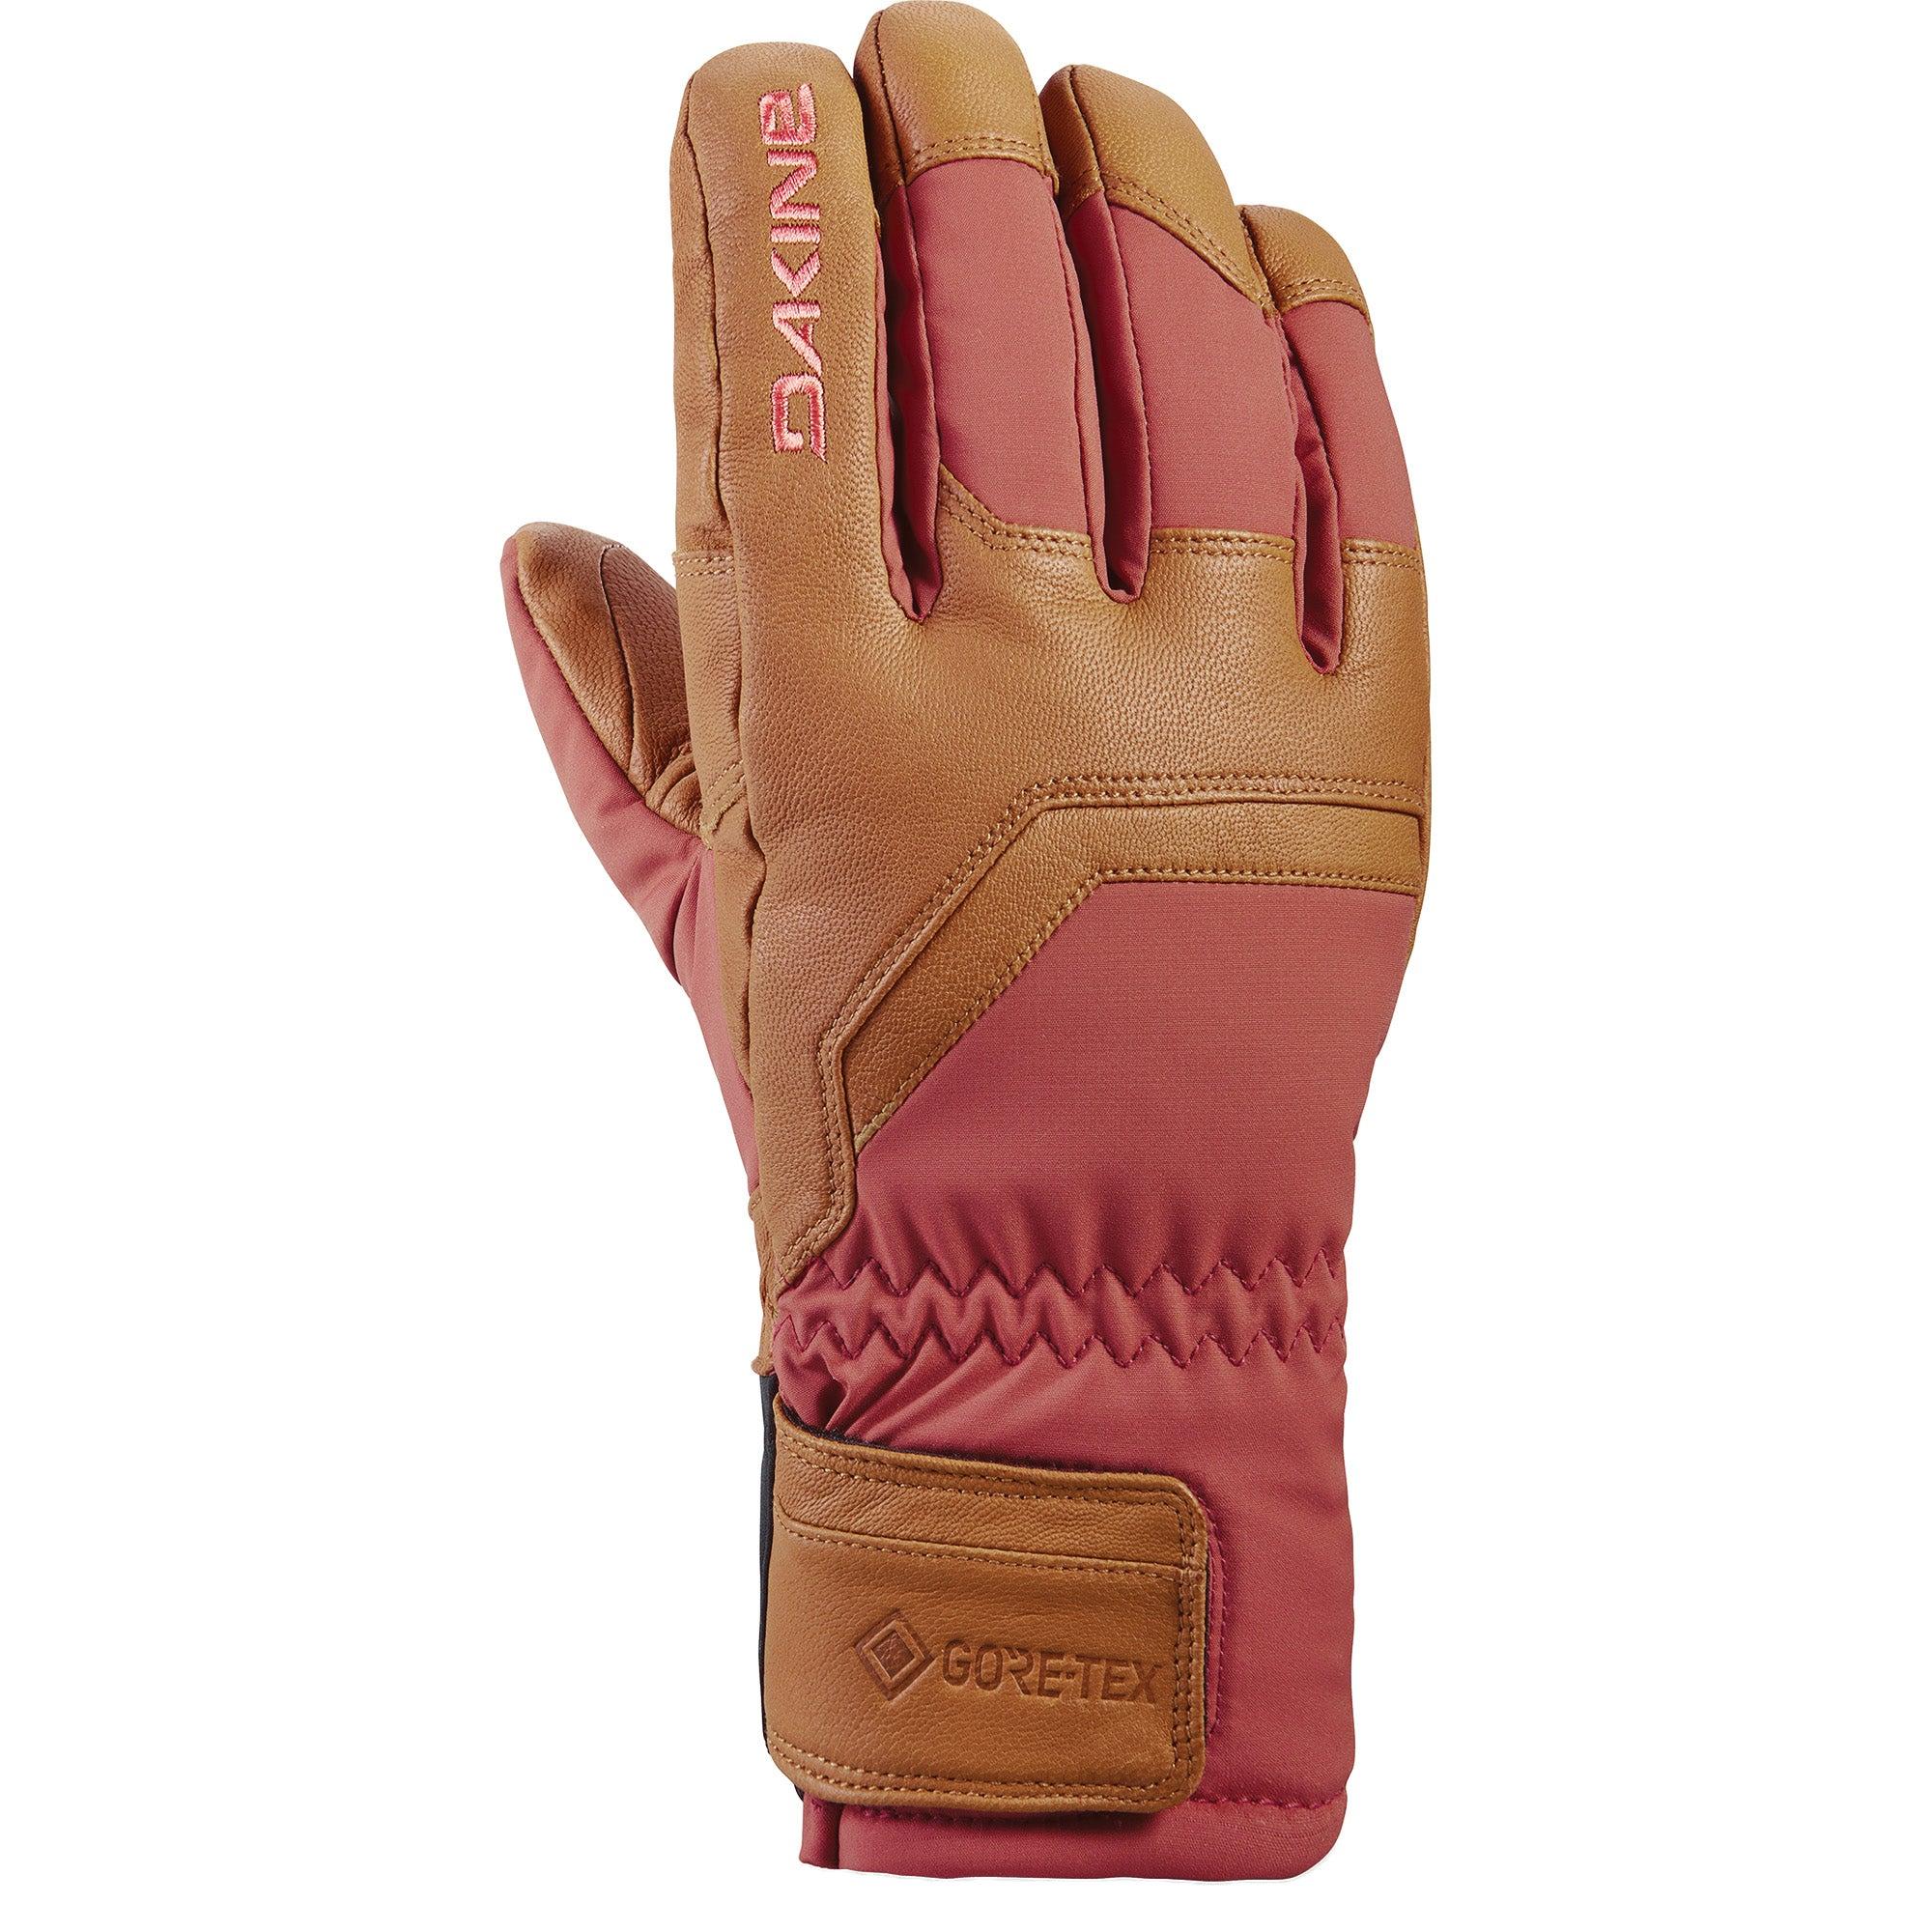 Dakine Women's Excursion Gore-Tex Short Ski Glove